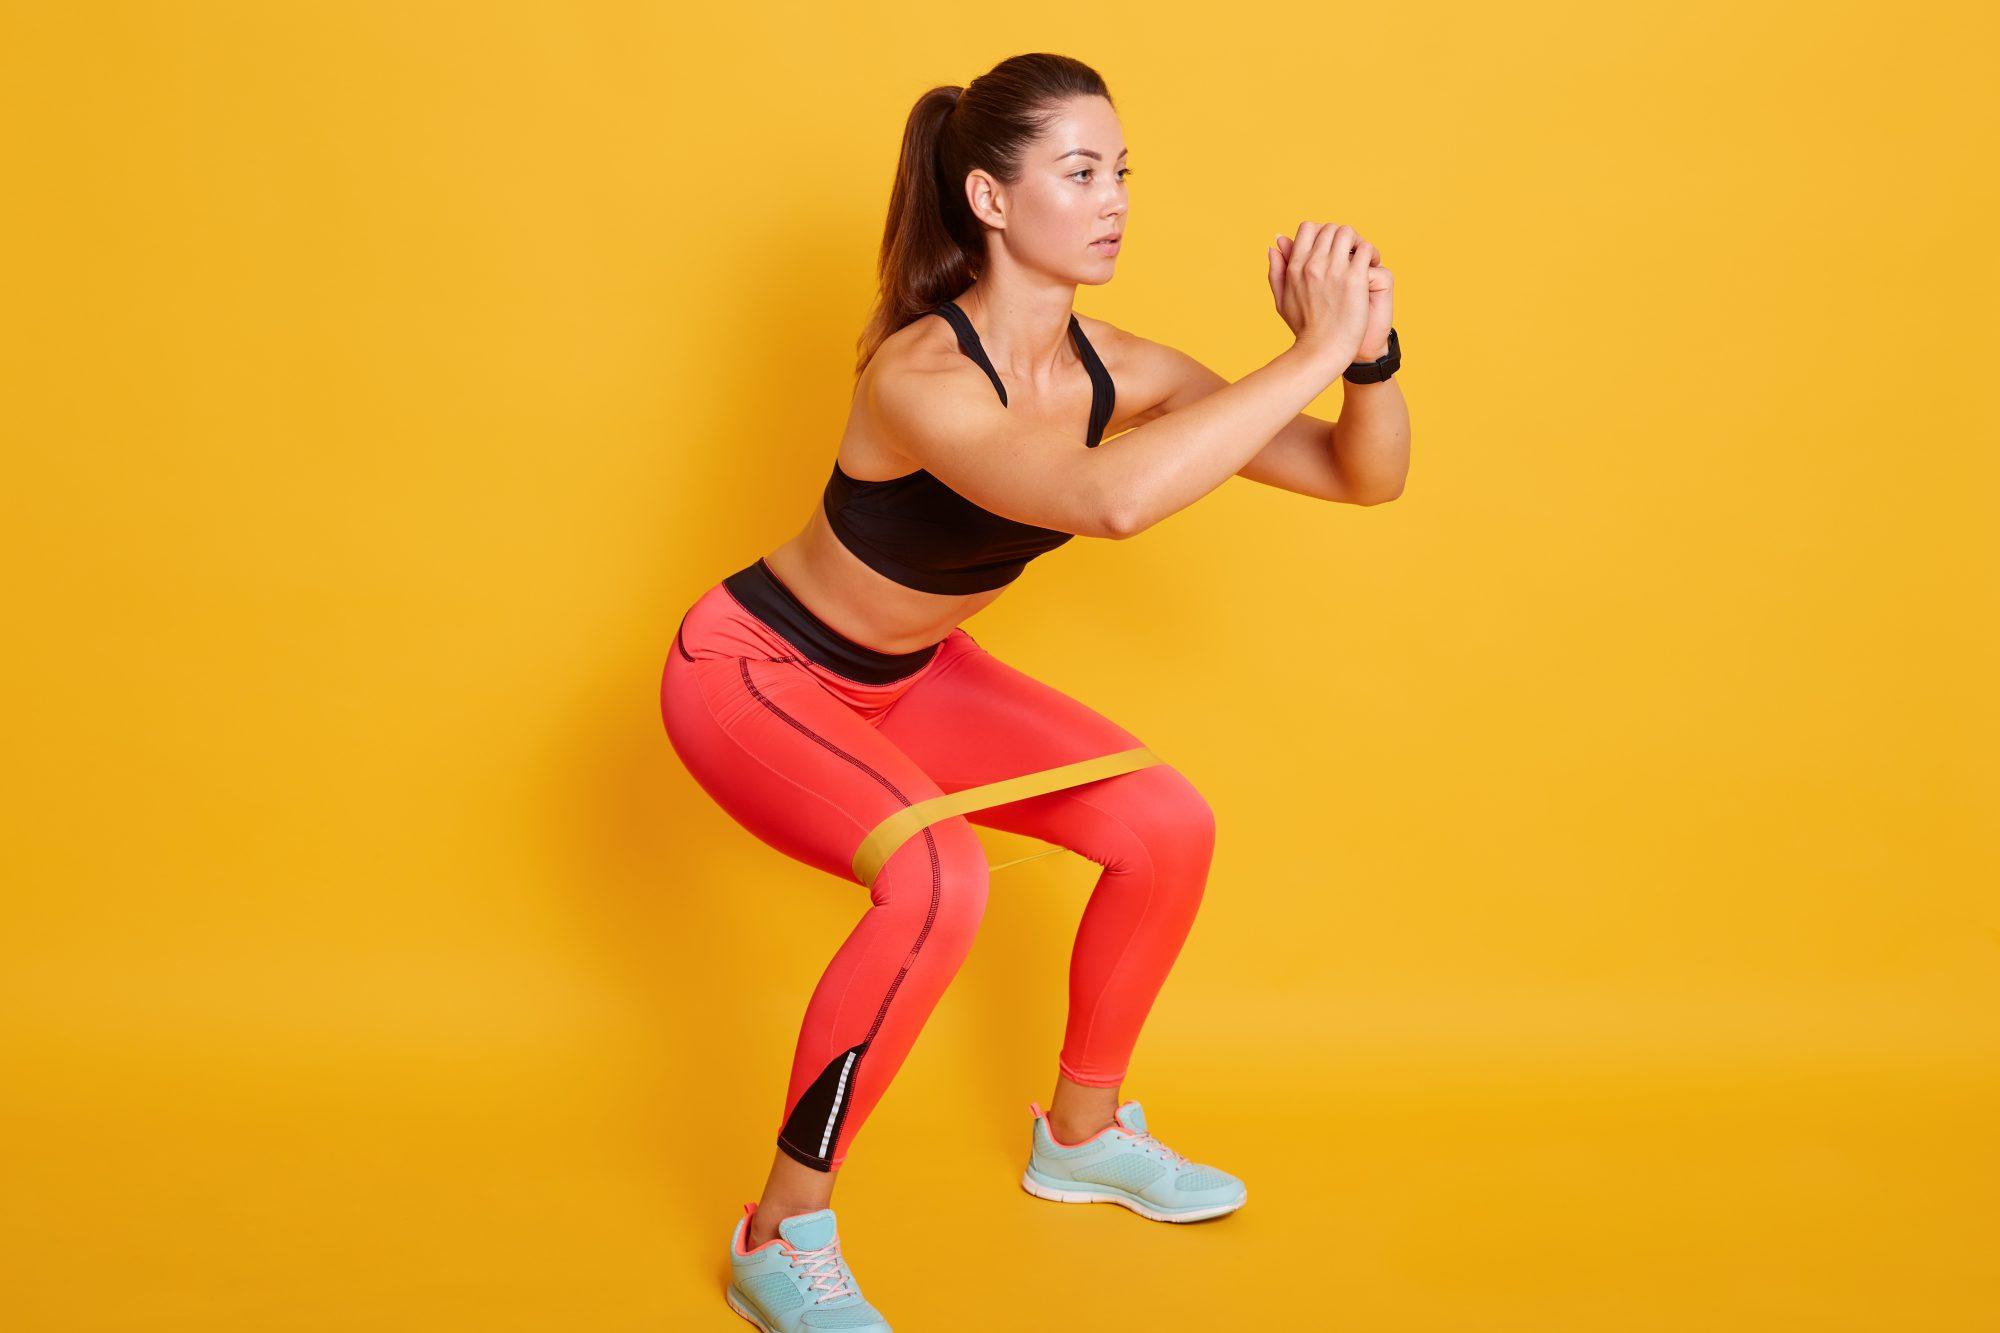 Una rutina de ejercicios para fortalecer piernas, glúteos y abdomen en casa